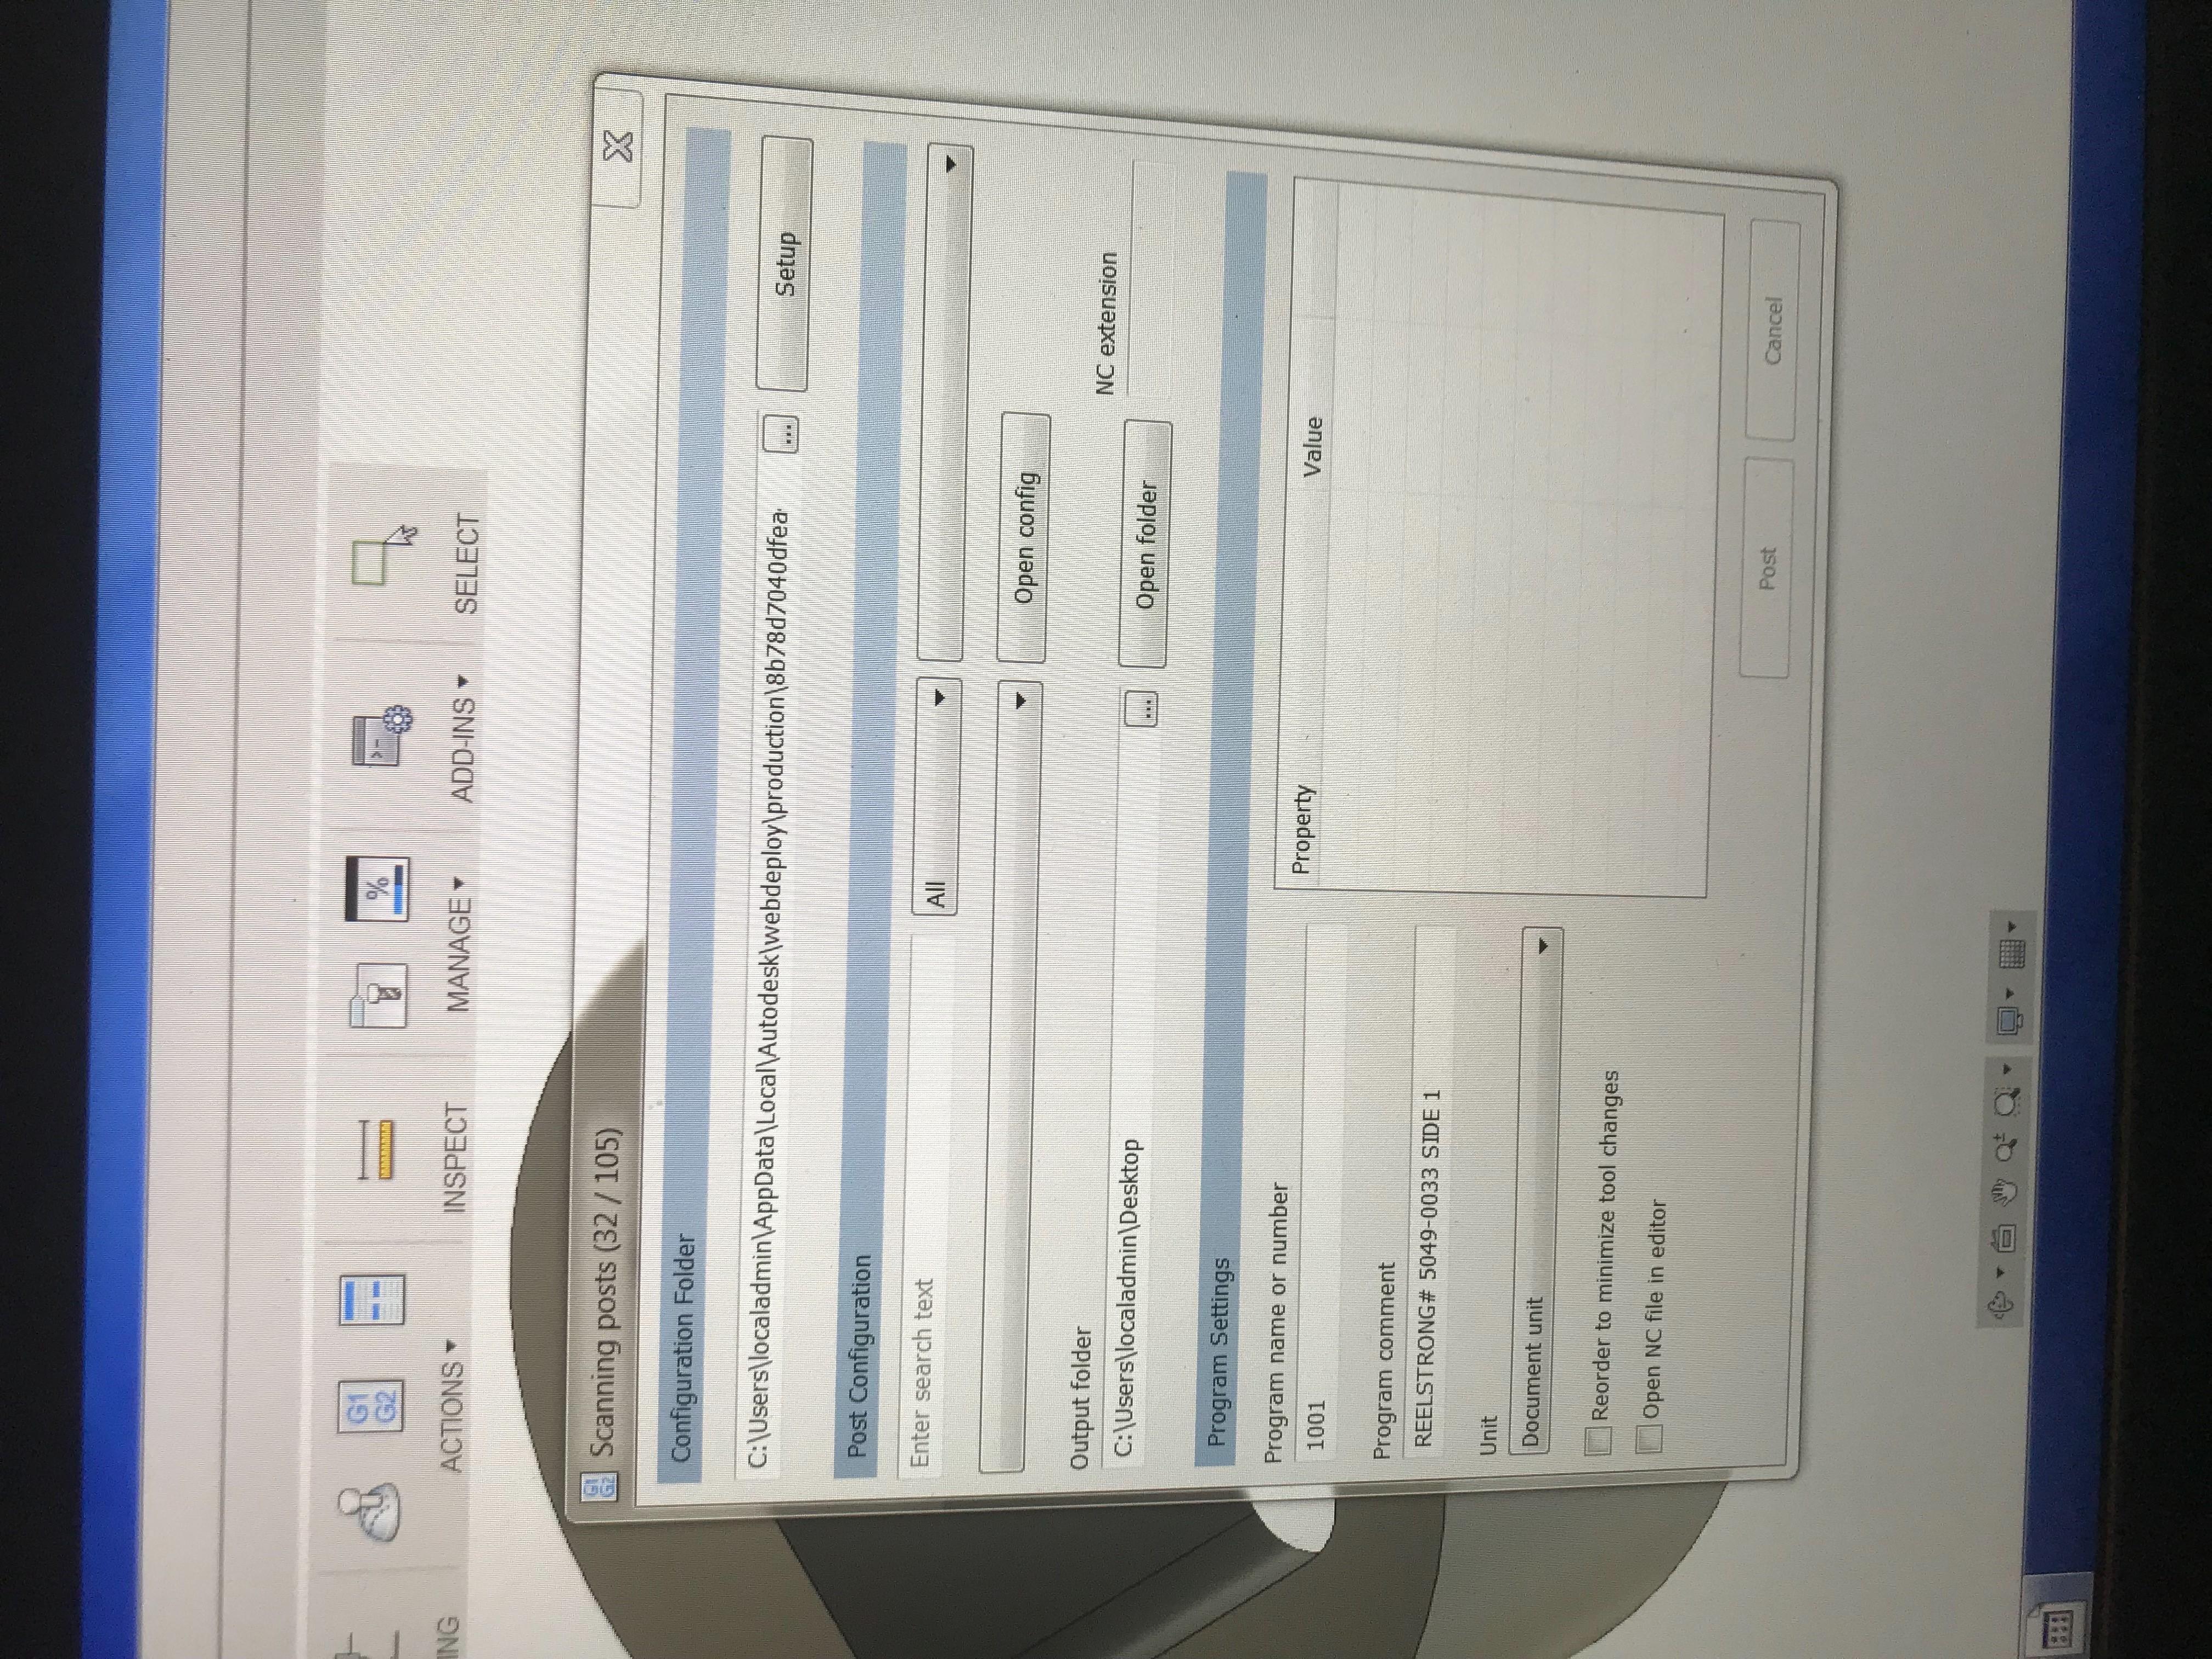 Post processor window freezes when loading - Autodesk